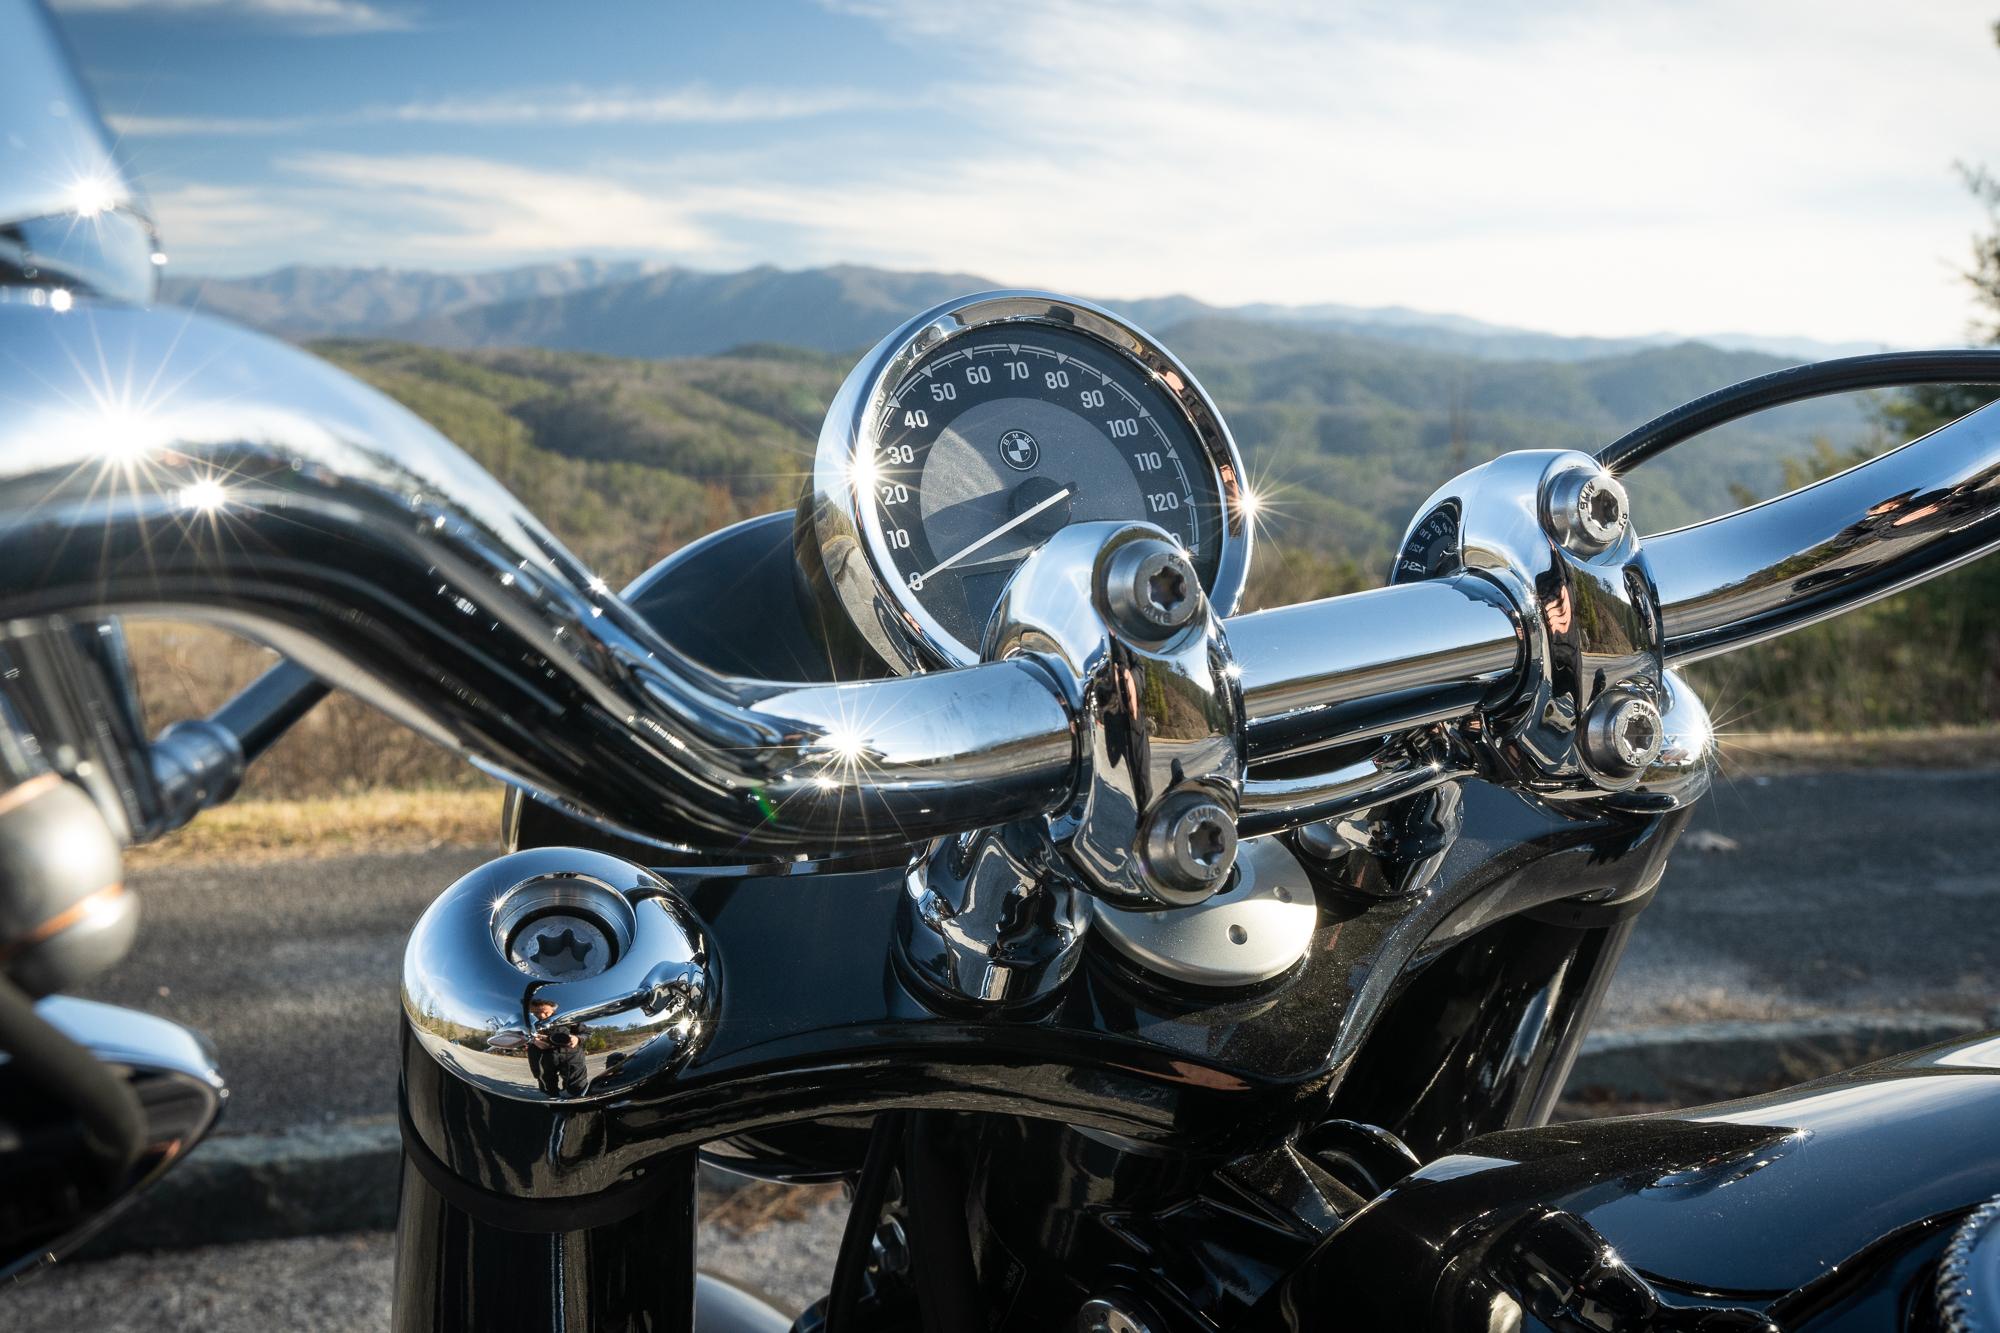 BMW R 18 motorcycle speedometer gauge detail mountain backdrop